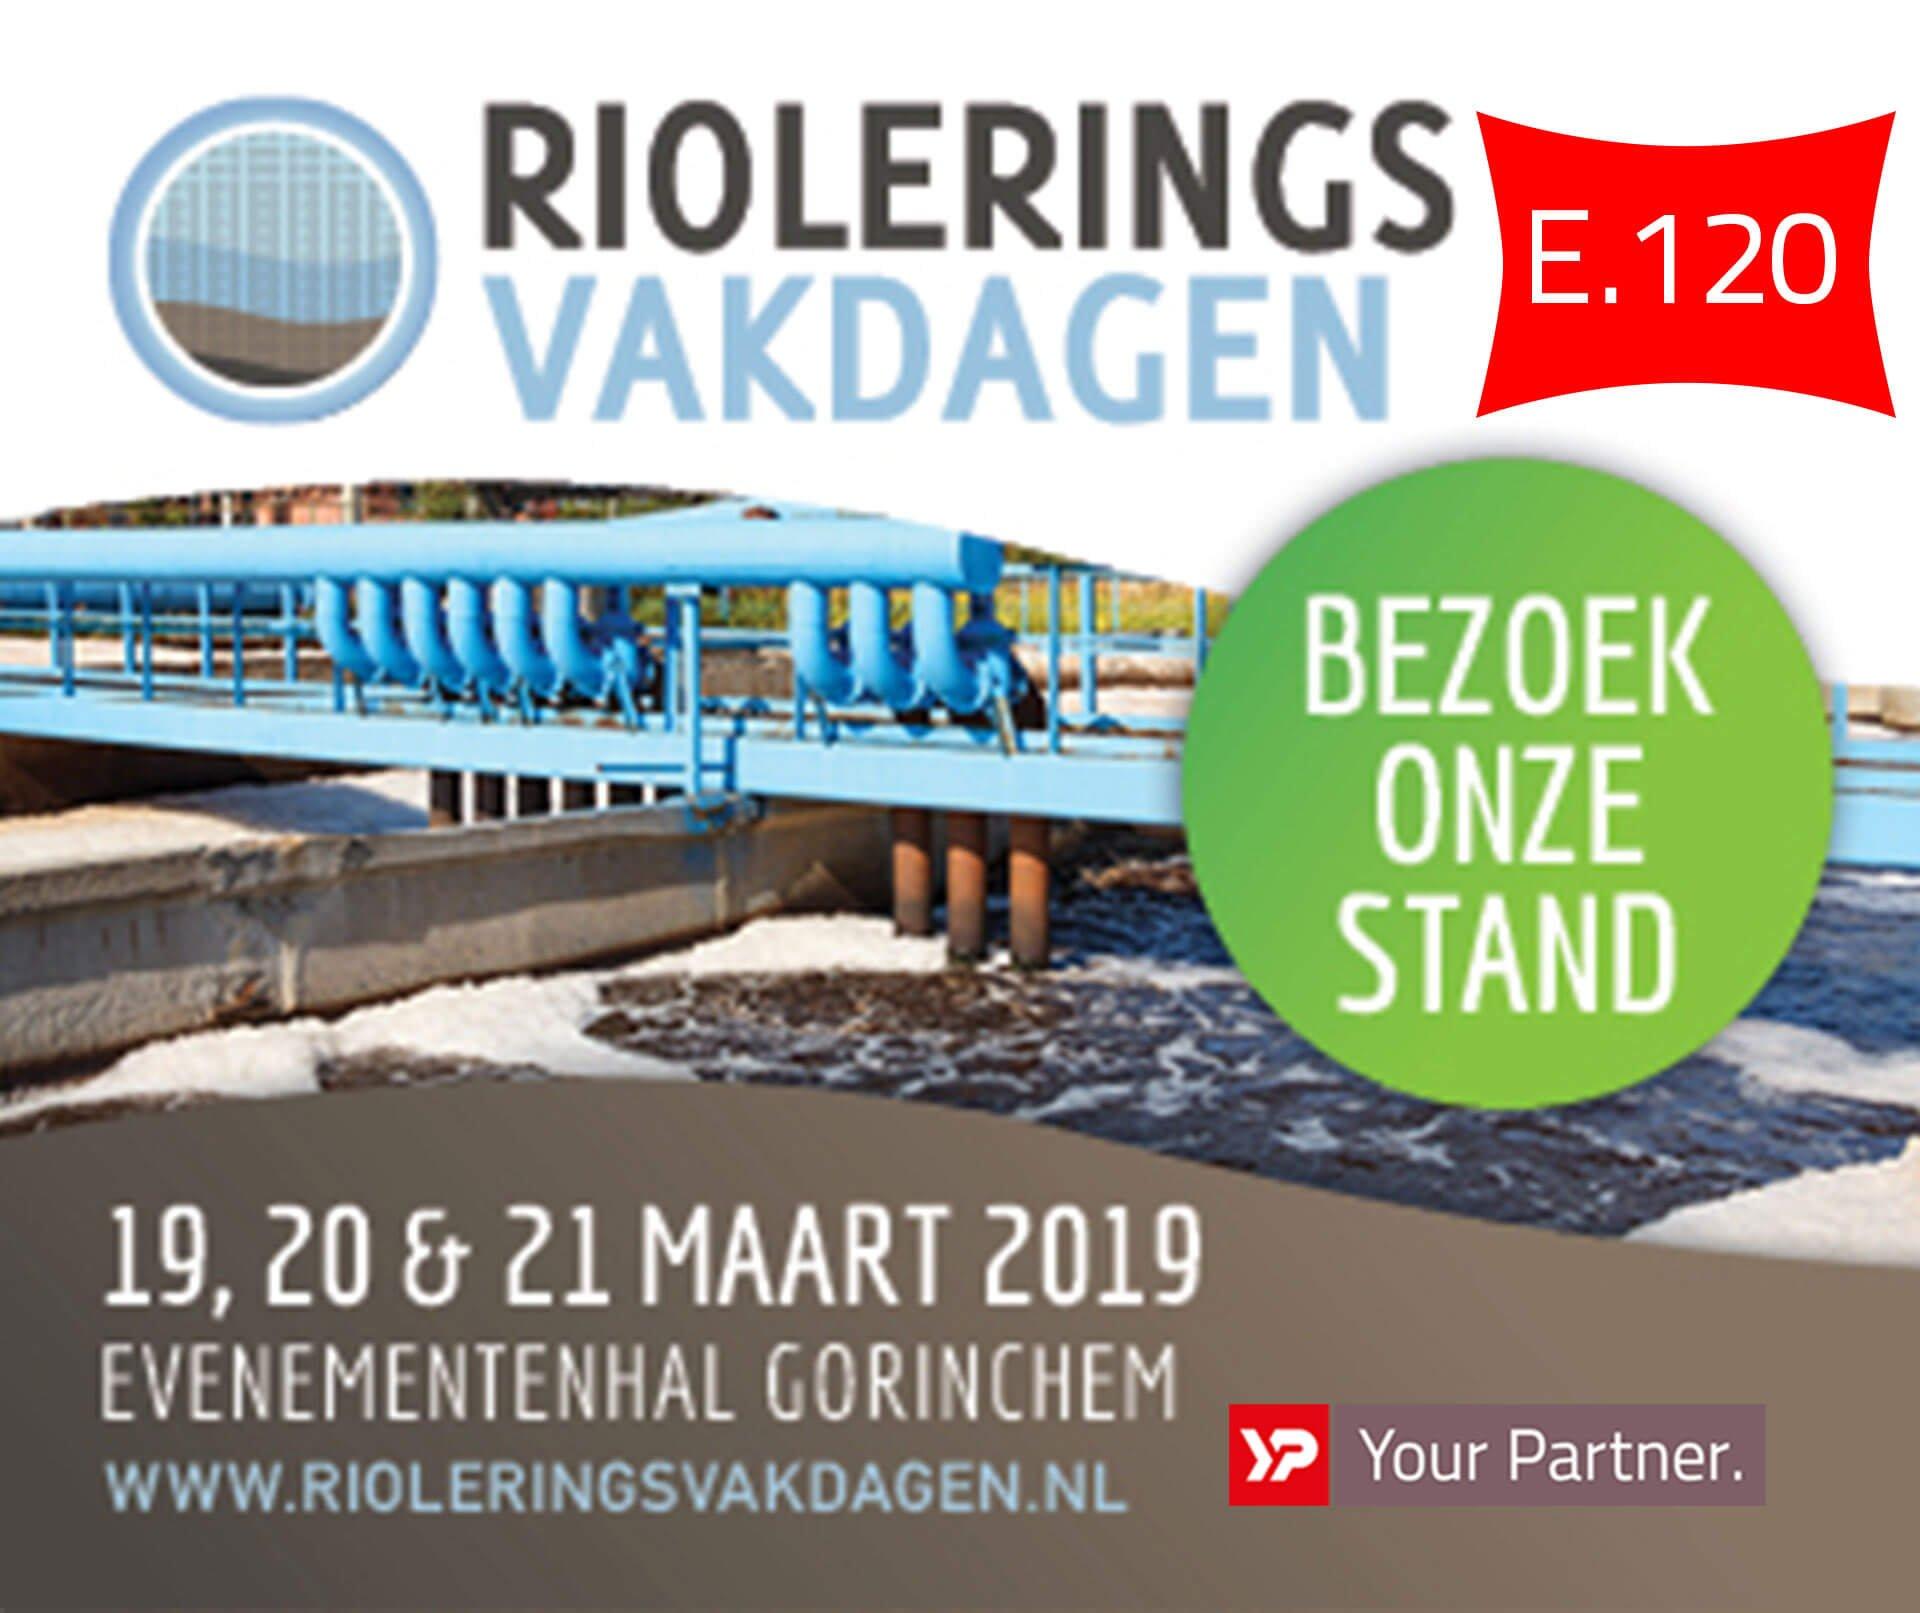 Aqua Nederland Vakbeurs 2019_YP Your Partner